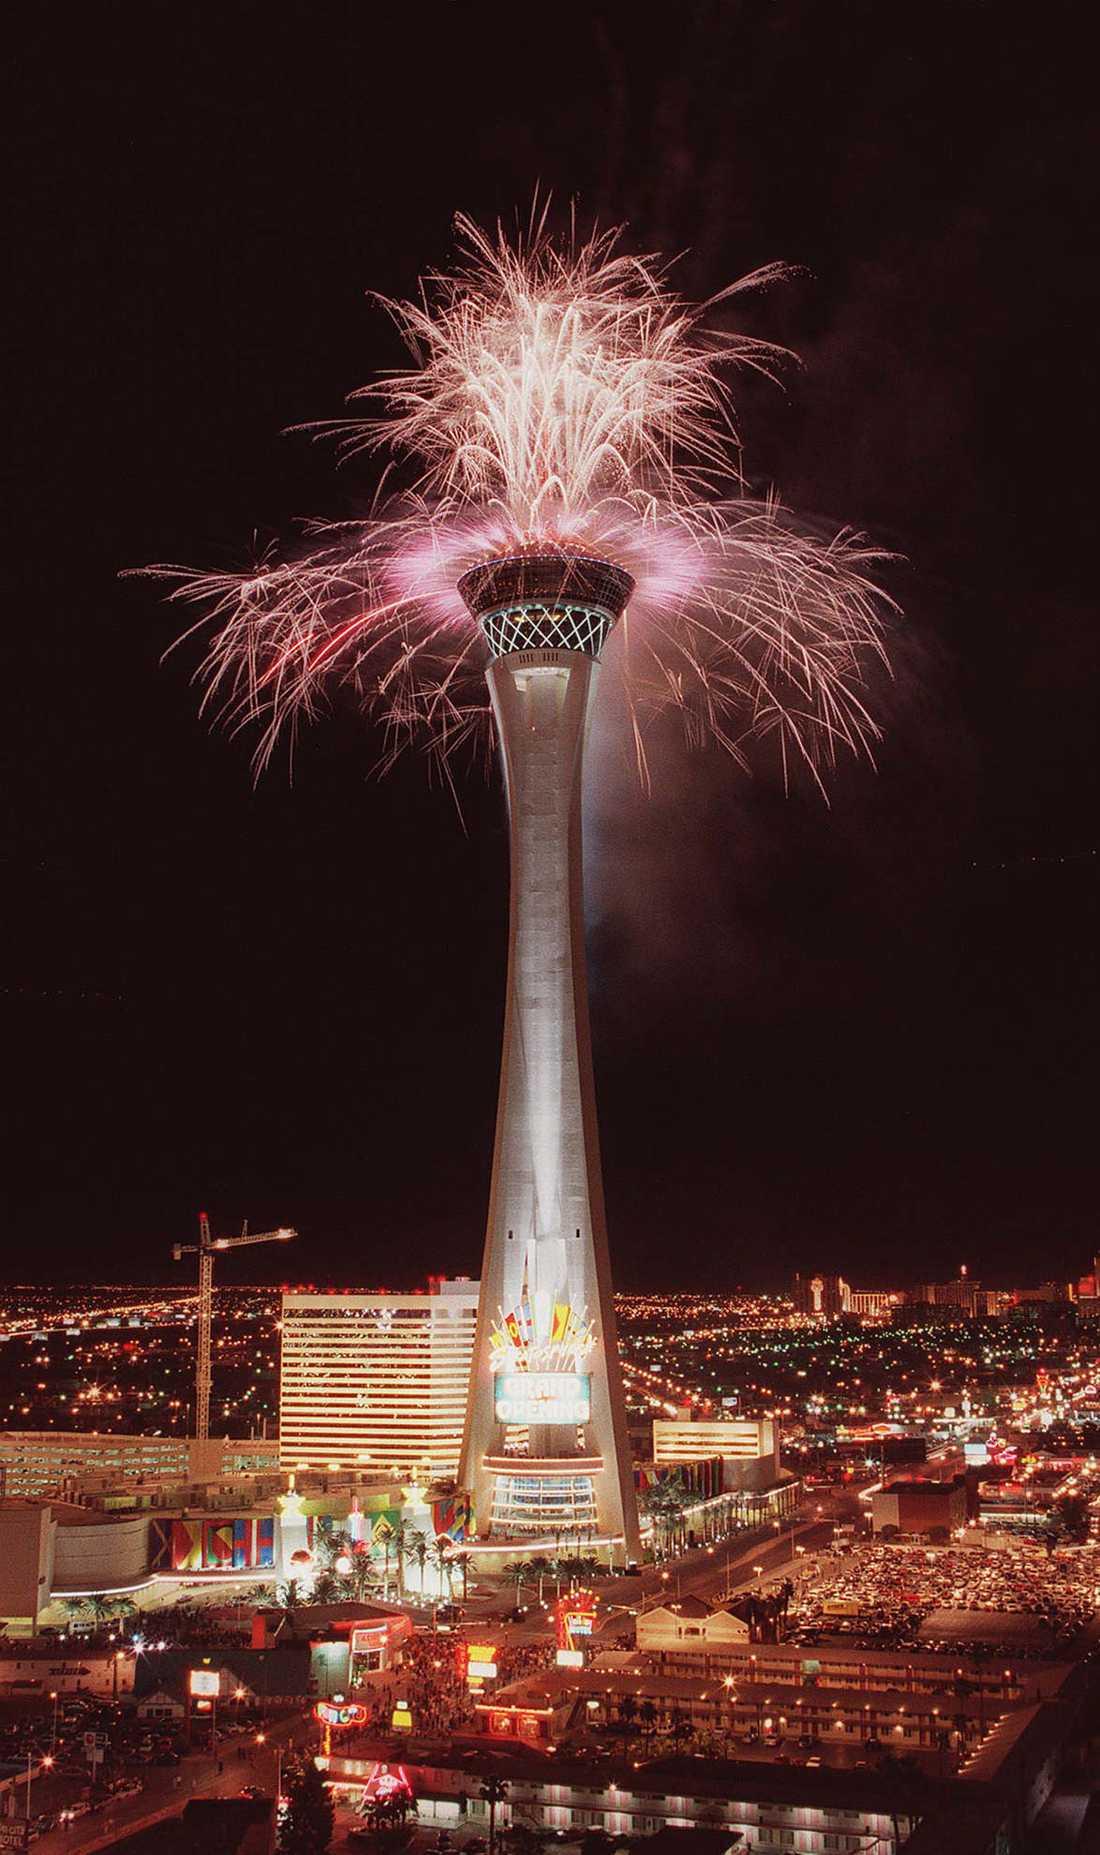 Stratosphere Att sticka ut är inte enkelt i Las Vegas, men det gör defintivt Stratosphere. Med sina 350,2 meter är det förutom att att vara Las Vegas högsta byggnad även det högsta observationstornet i USA, och nionde högsta byggnaden i hela landet.